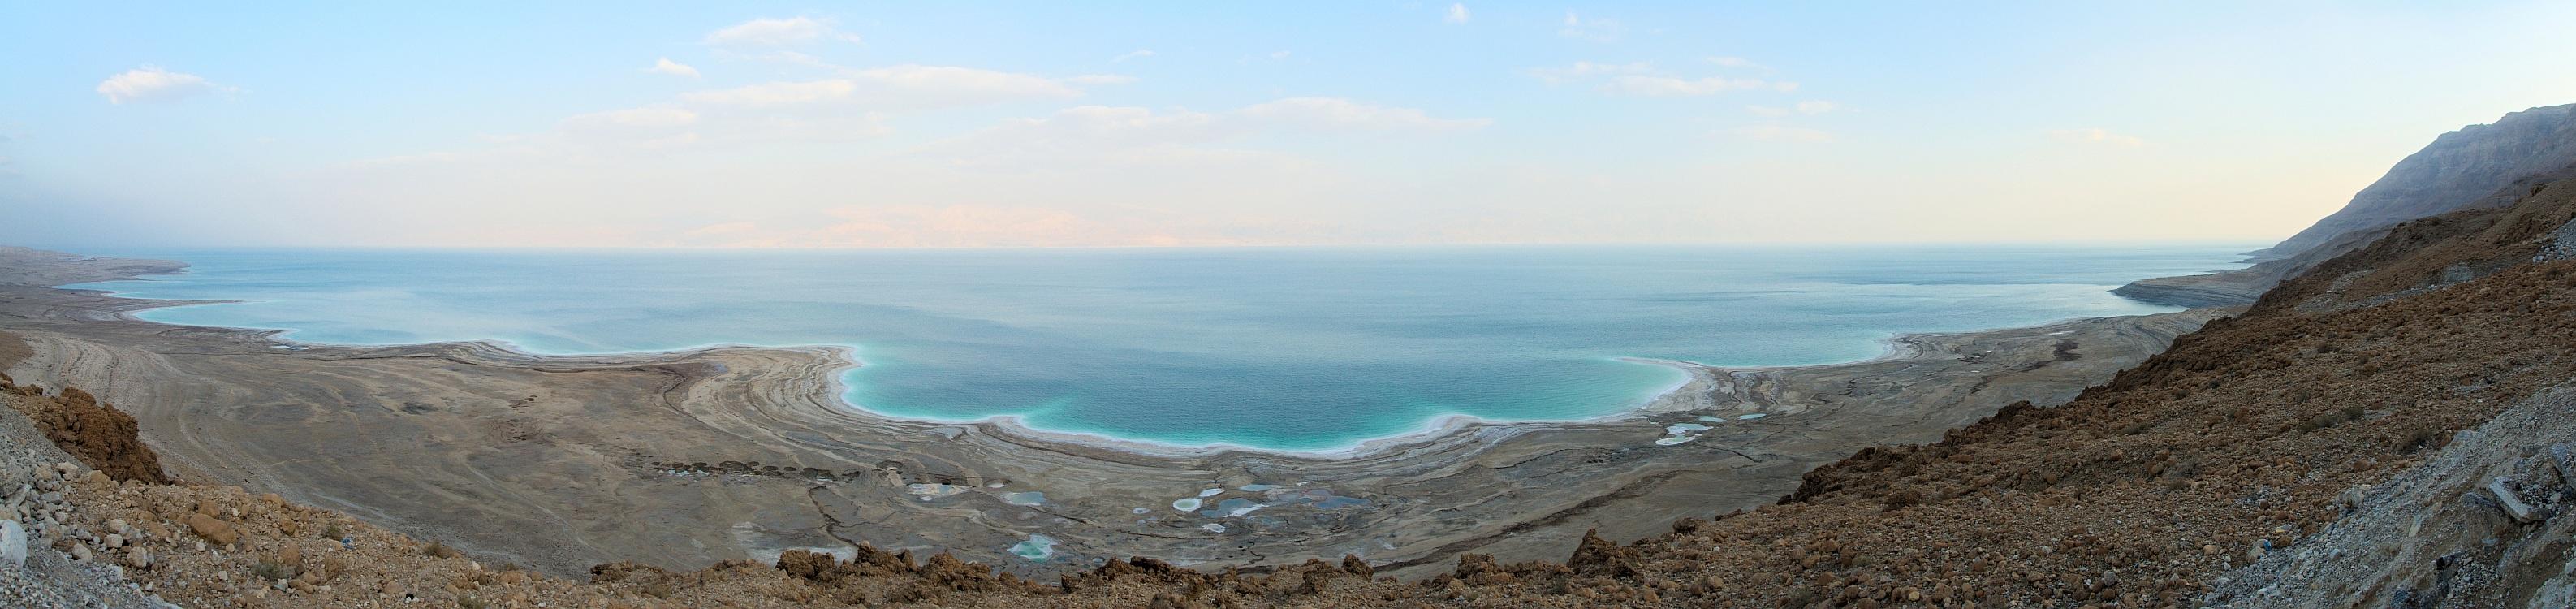 Blick auf der Totes Meer (von israelischen Seite)